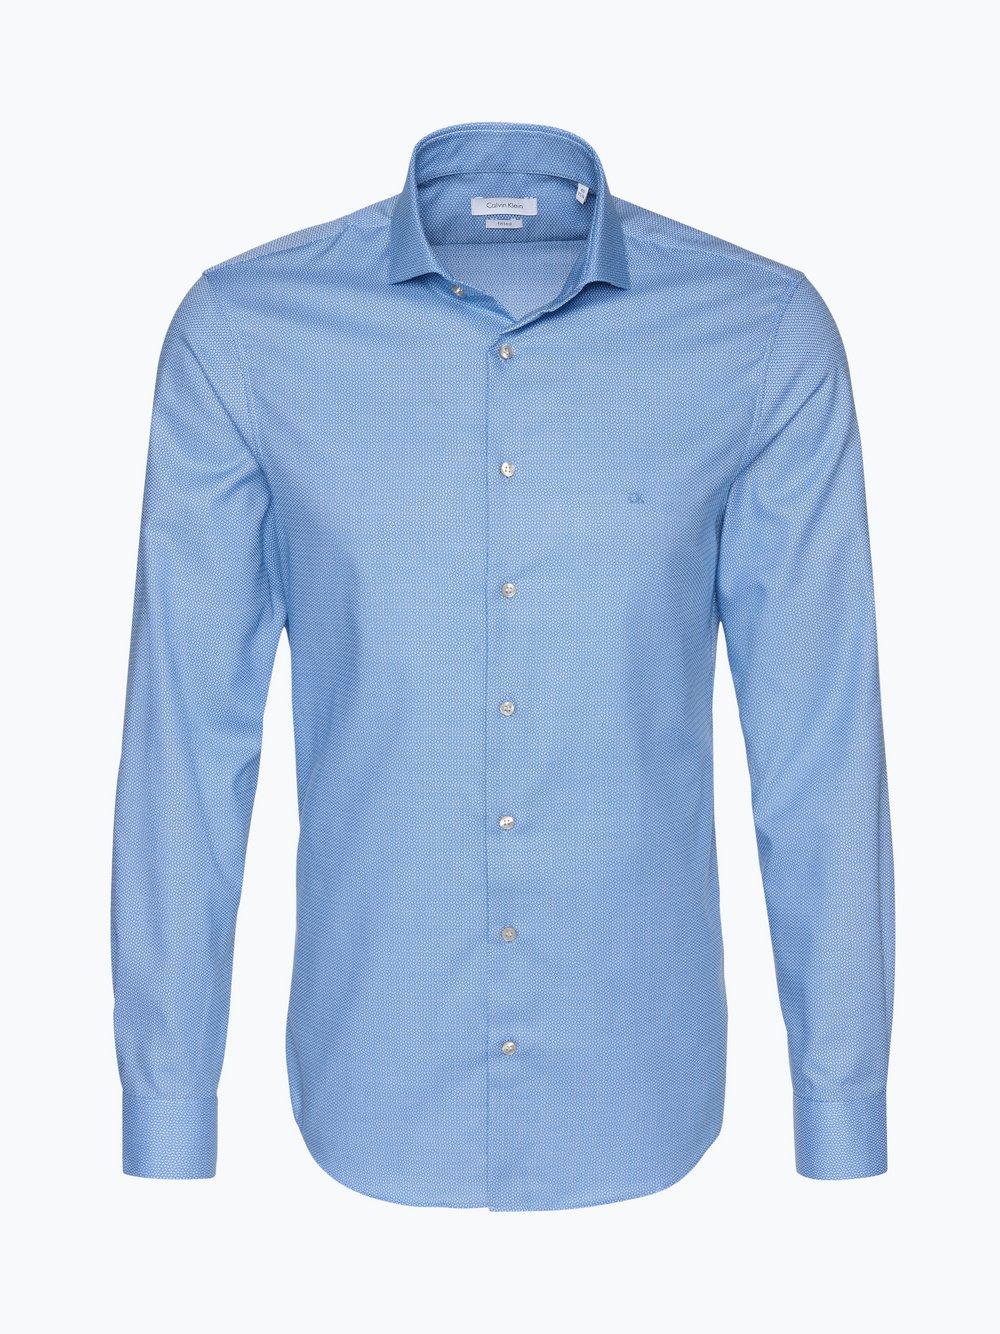 cda0d998e Calvin Klein Koszula męska łatwa w prasowaniu kup online   VANGRAAF.COM